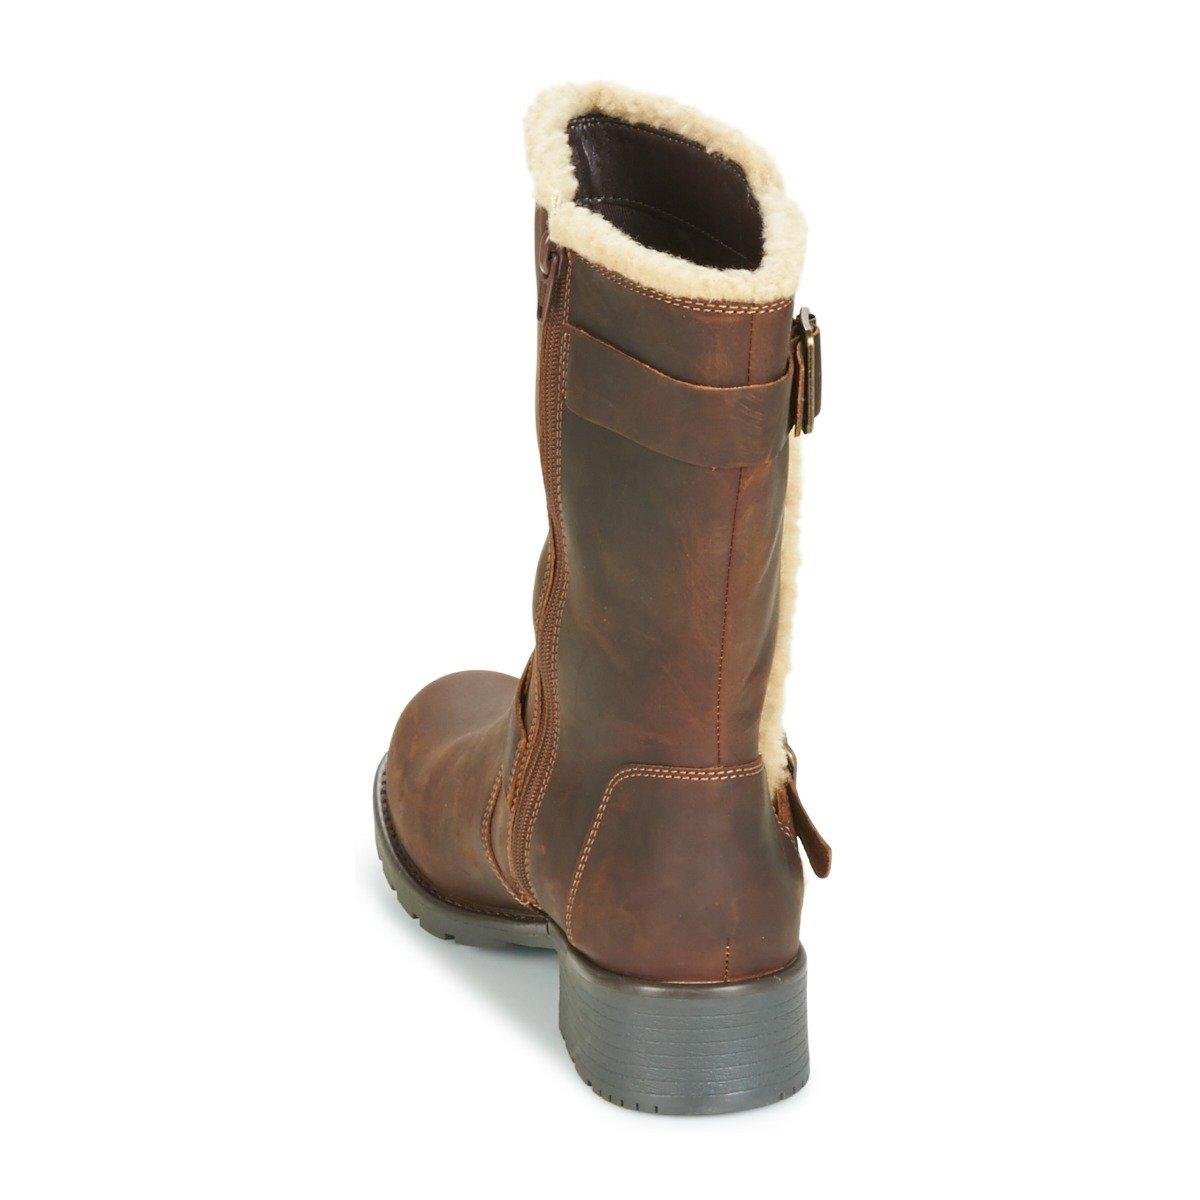 Clarks Damen Freizeit Orinoco Art Art Art Leder Stiefel Braun Gewachst Größe 41 48b7cf